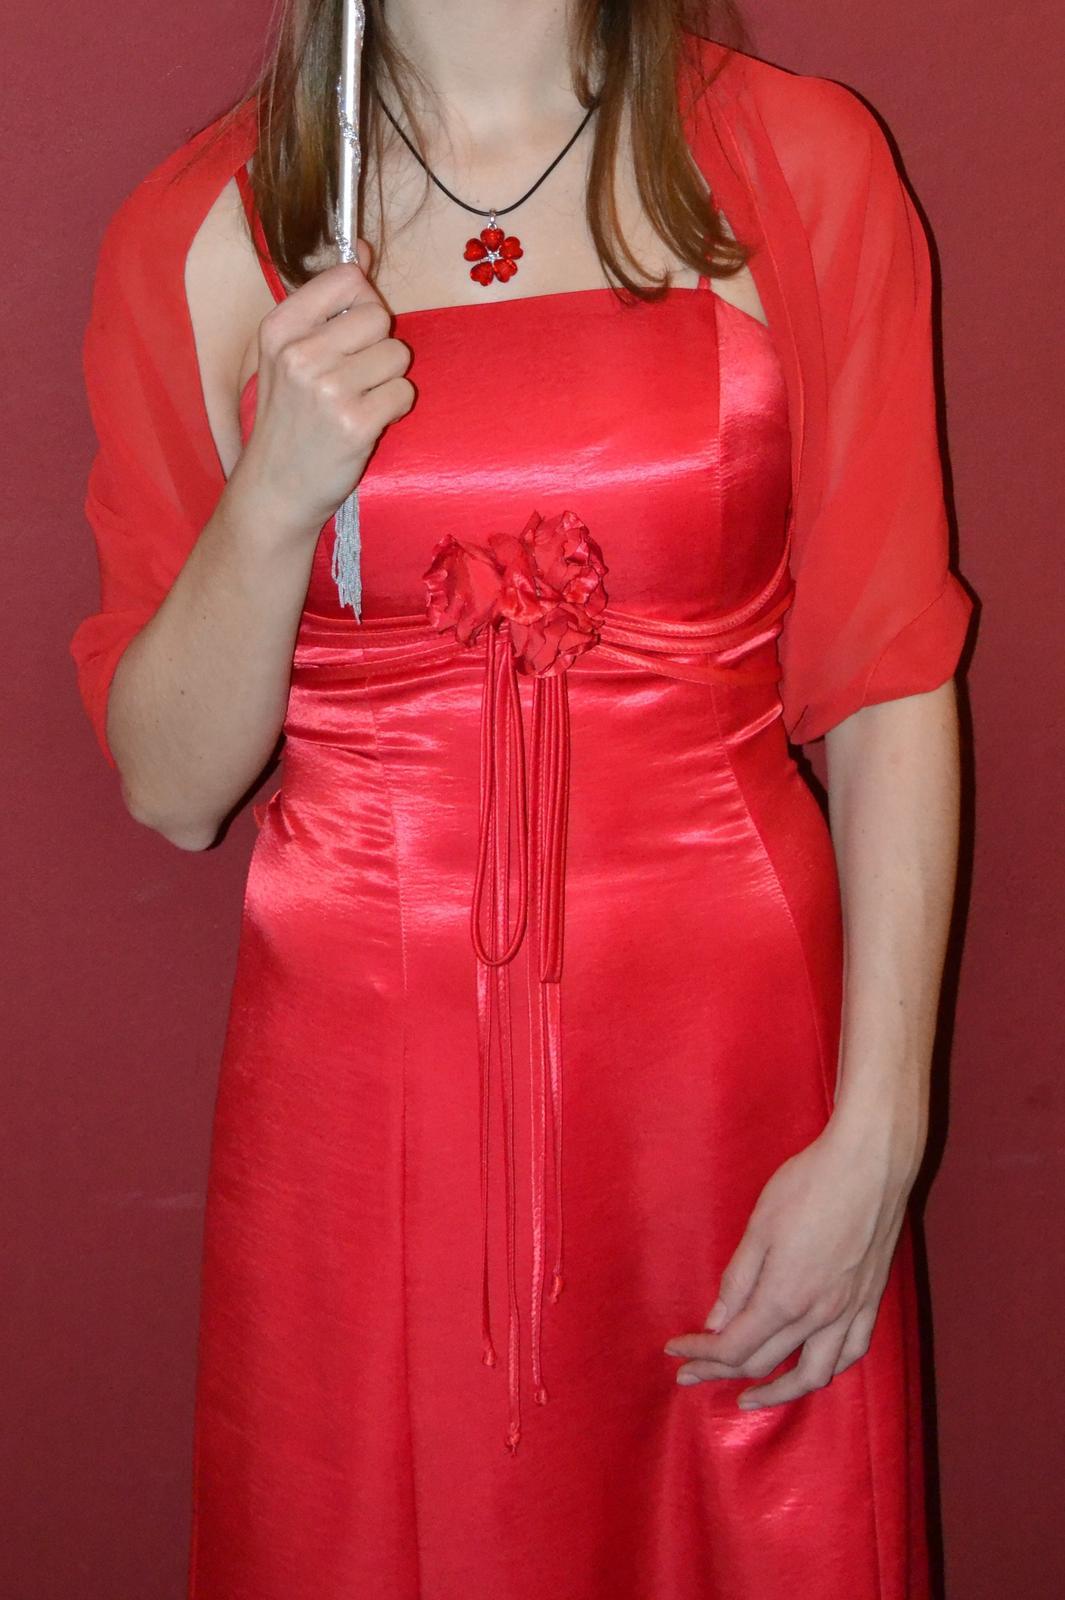 červené maxi šaty se šálem - Obrázek č. 1